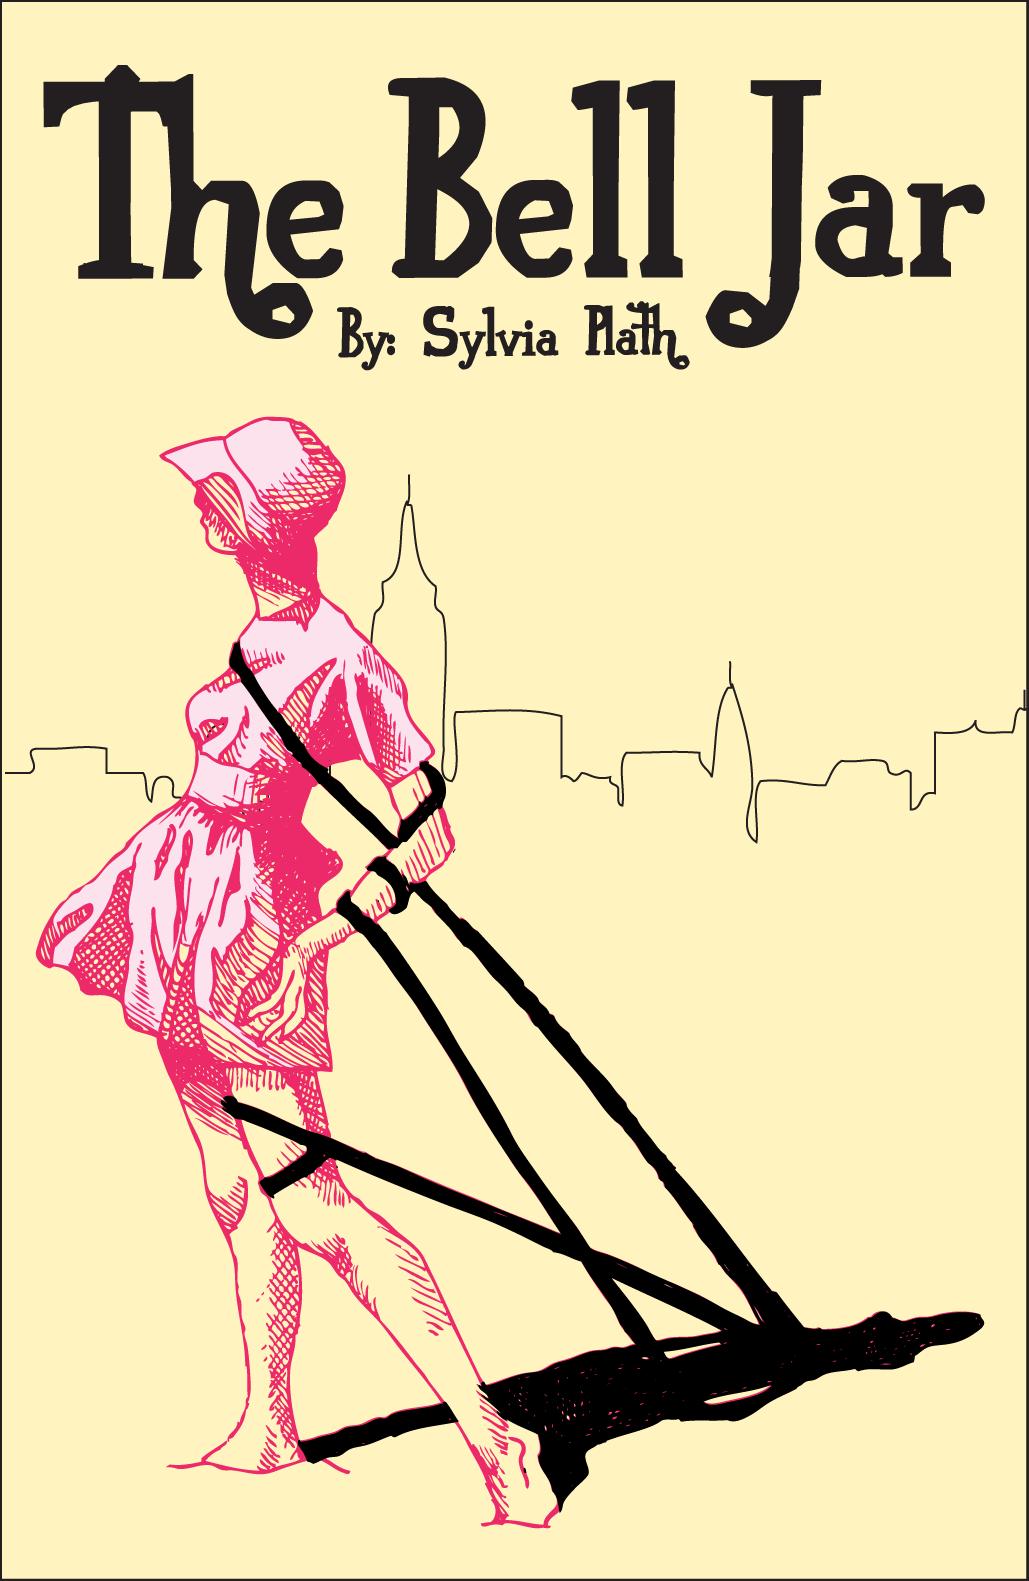 sow by sylvia plath essay